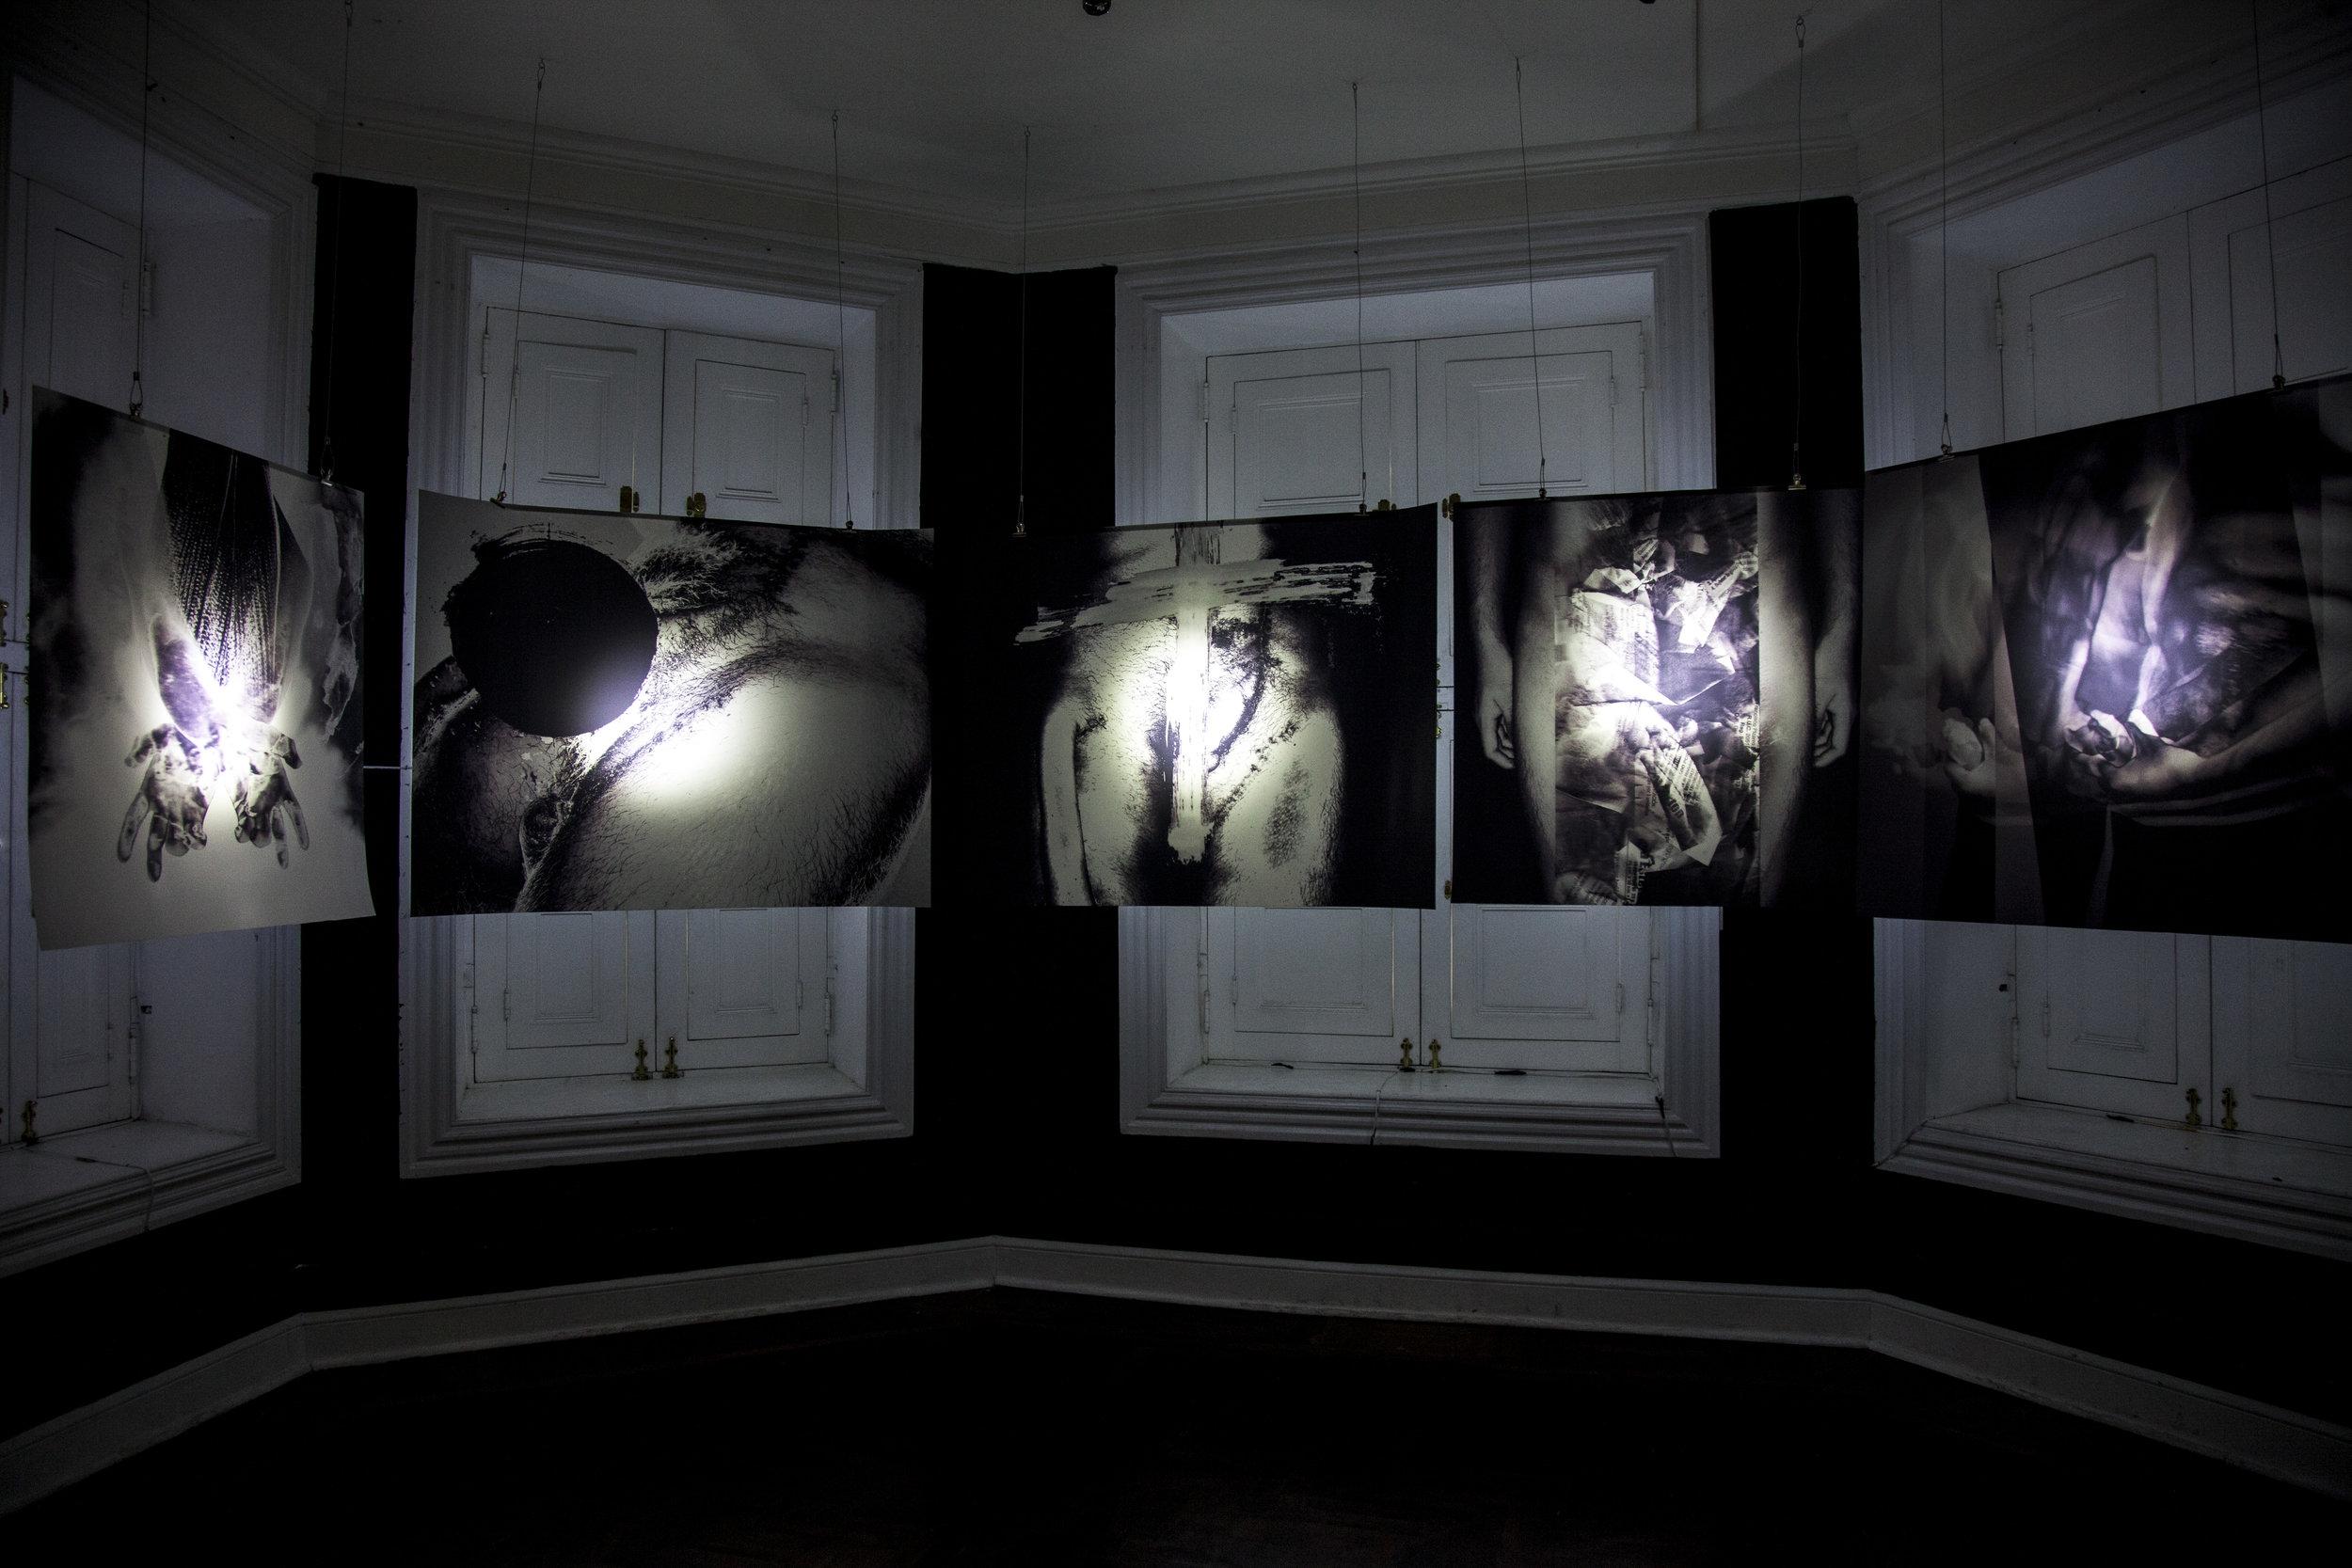 Inauguración de   Cuerpx  , de Marco Pérez, en la galería Espacio 22. Crédito de la fotografía: Handrez García